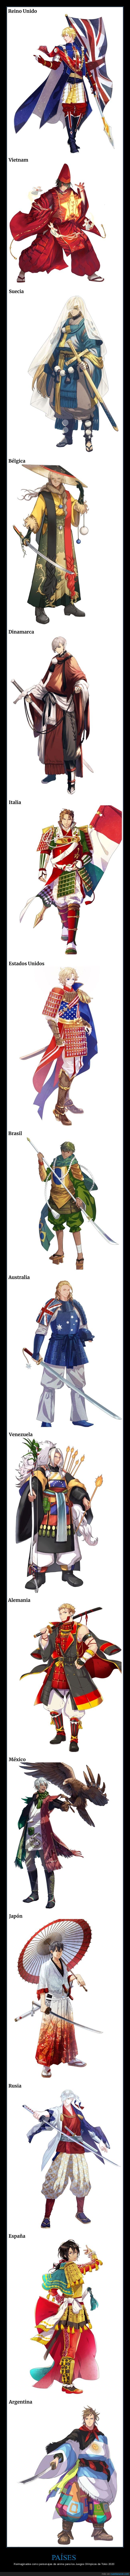 anime,juegos olímpicos,países,personajes